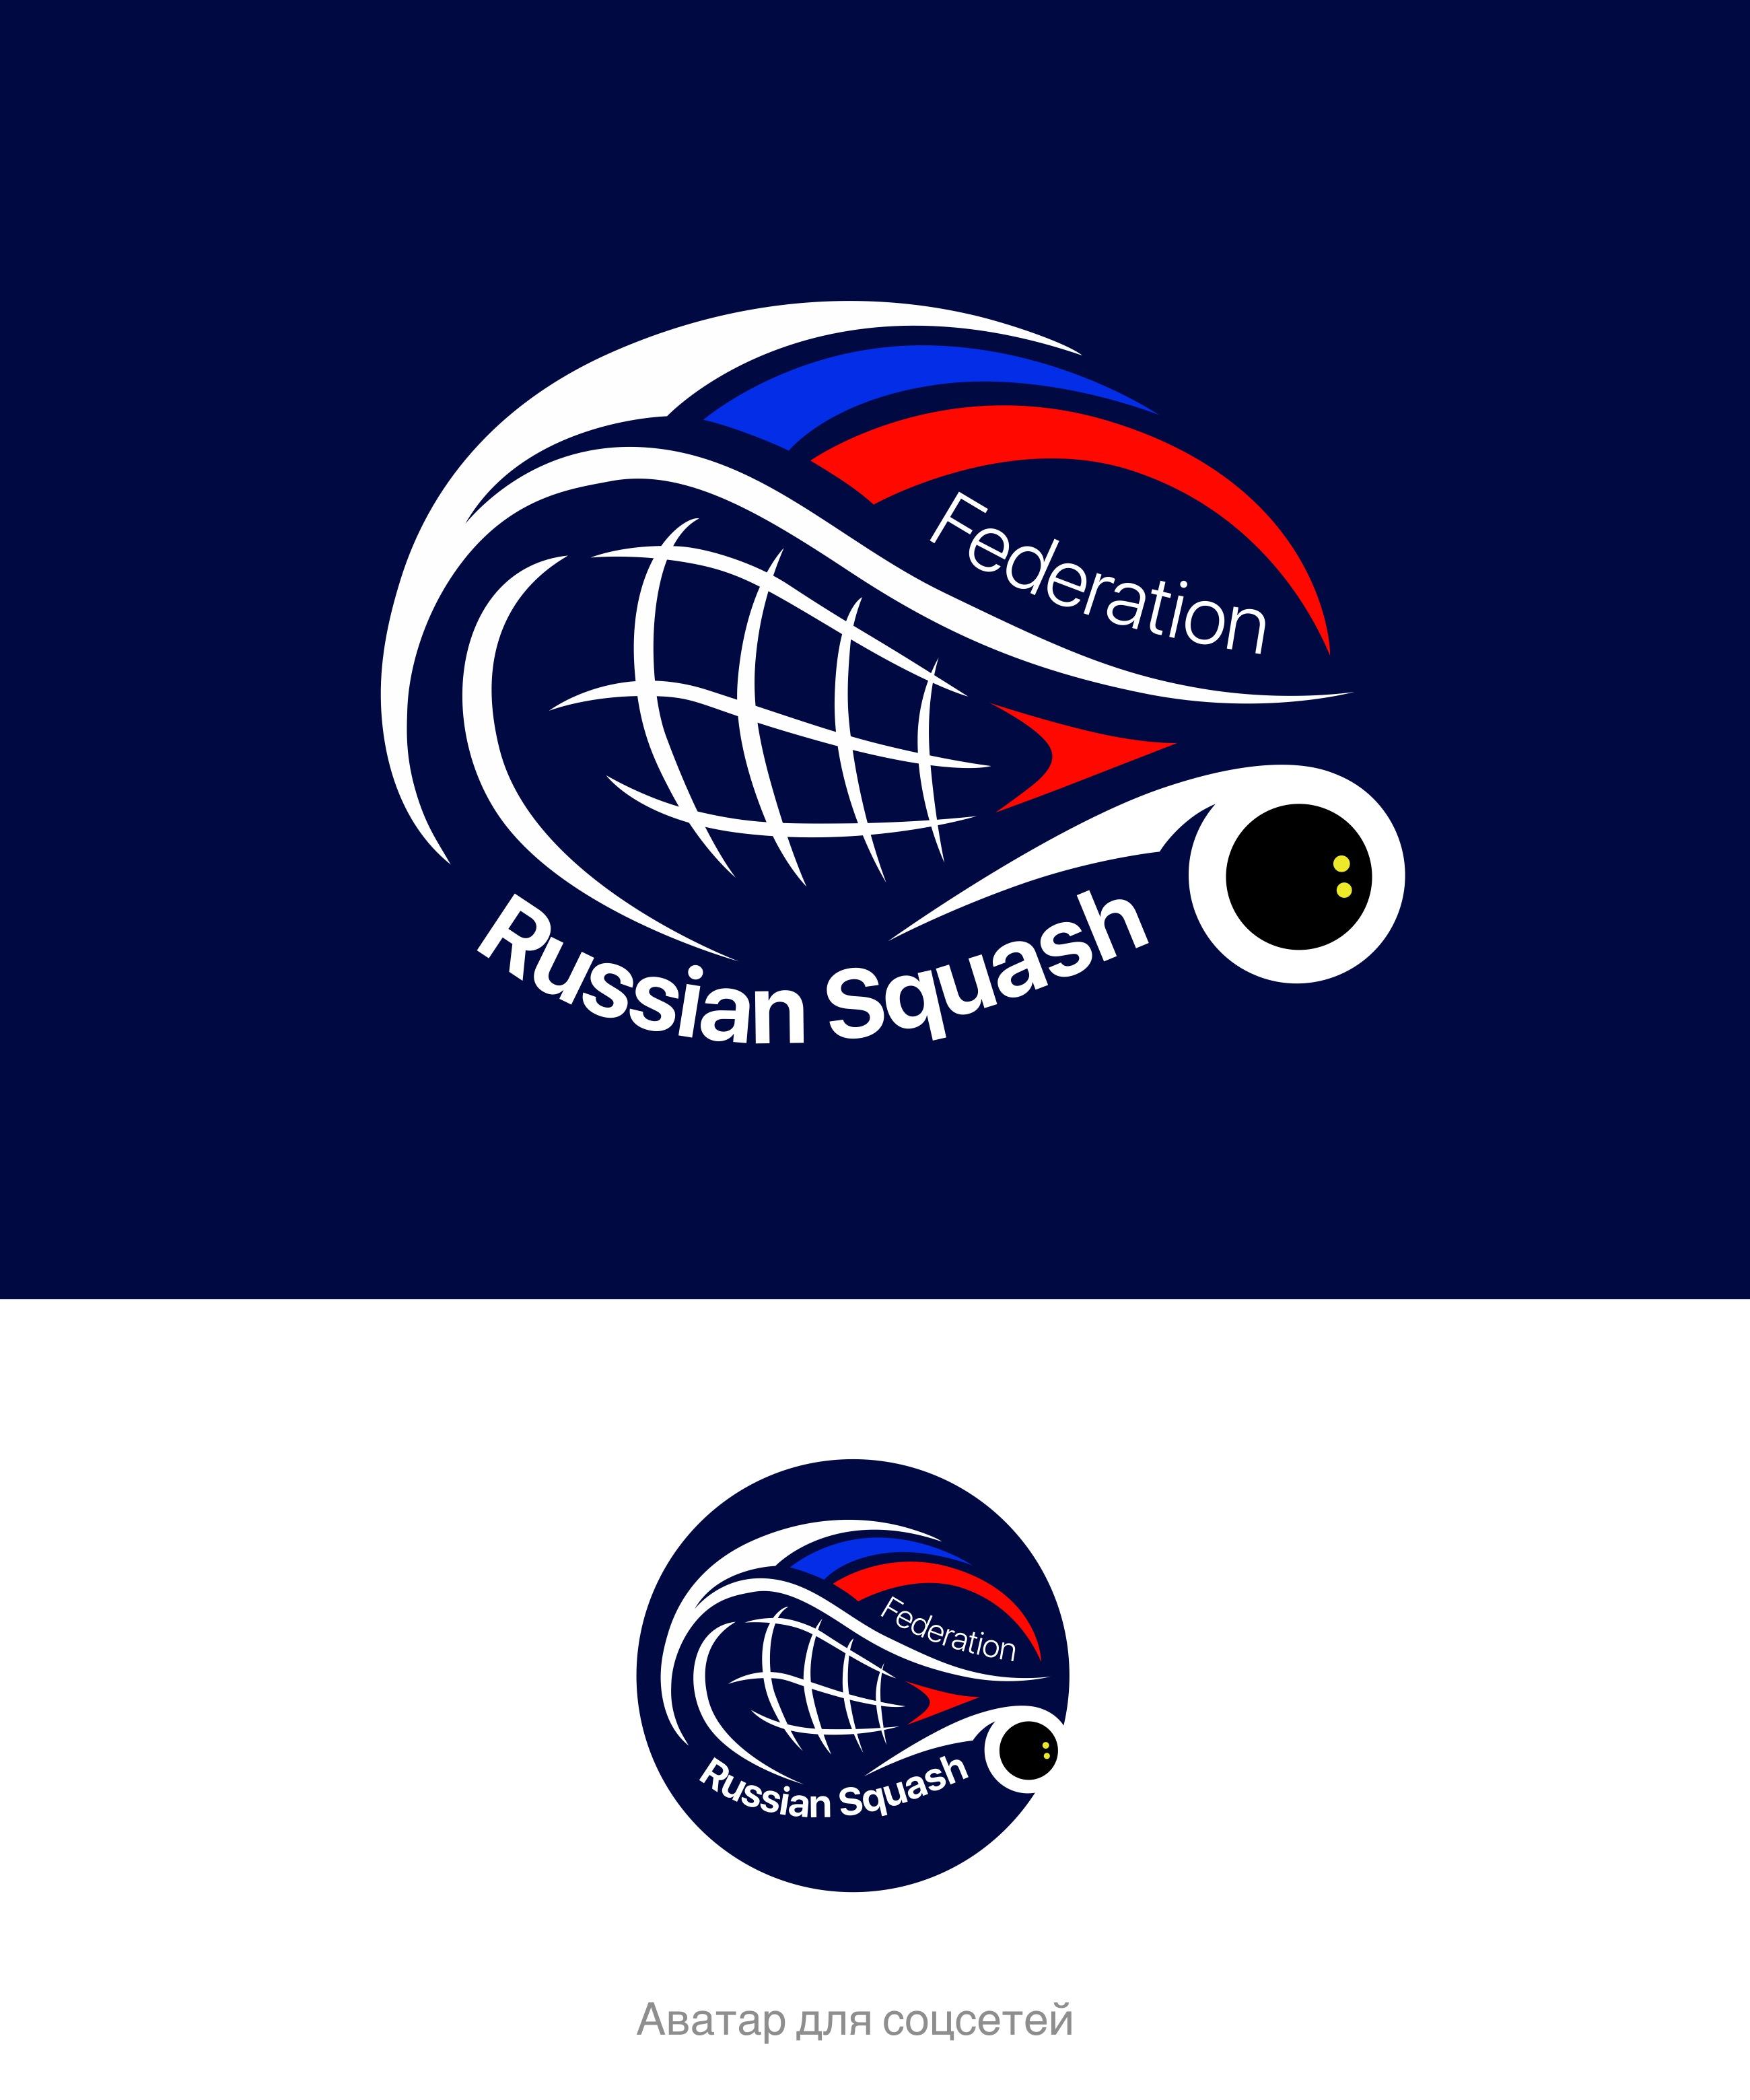 Разработать логотип для Федерации сквоша России фото f_4315f399cab7b216.jpg